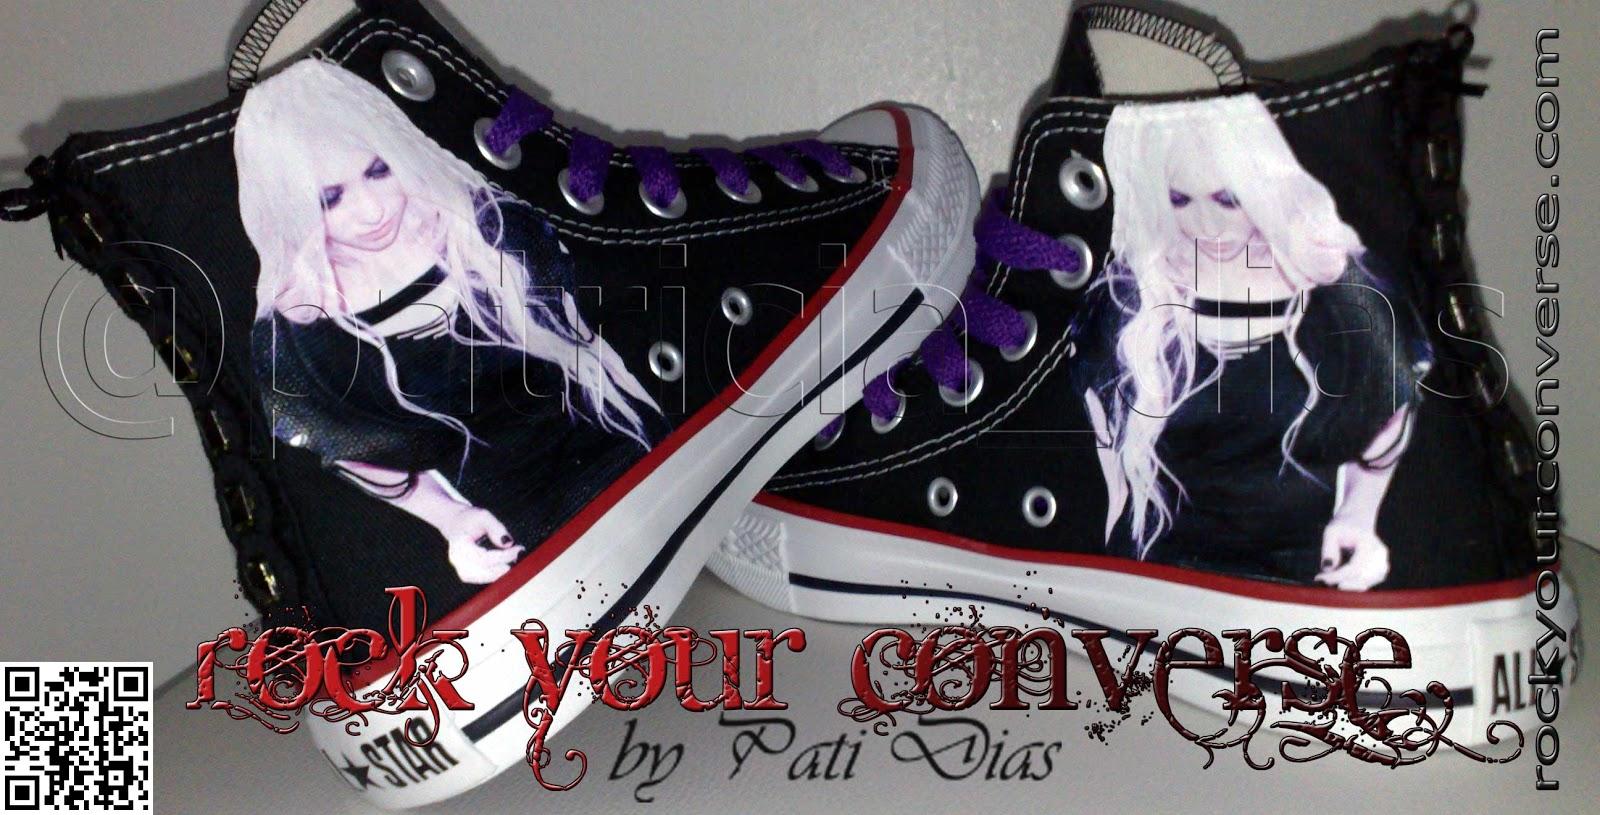 http://1.bp.blogspot.com/-CsMrzkSm17E/UIklYs1yqaI/AAAAAAAACcE/5pXZJ4DXH1E/s1600/PrettyReckless_Converse_3.jpg